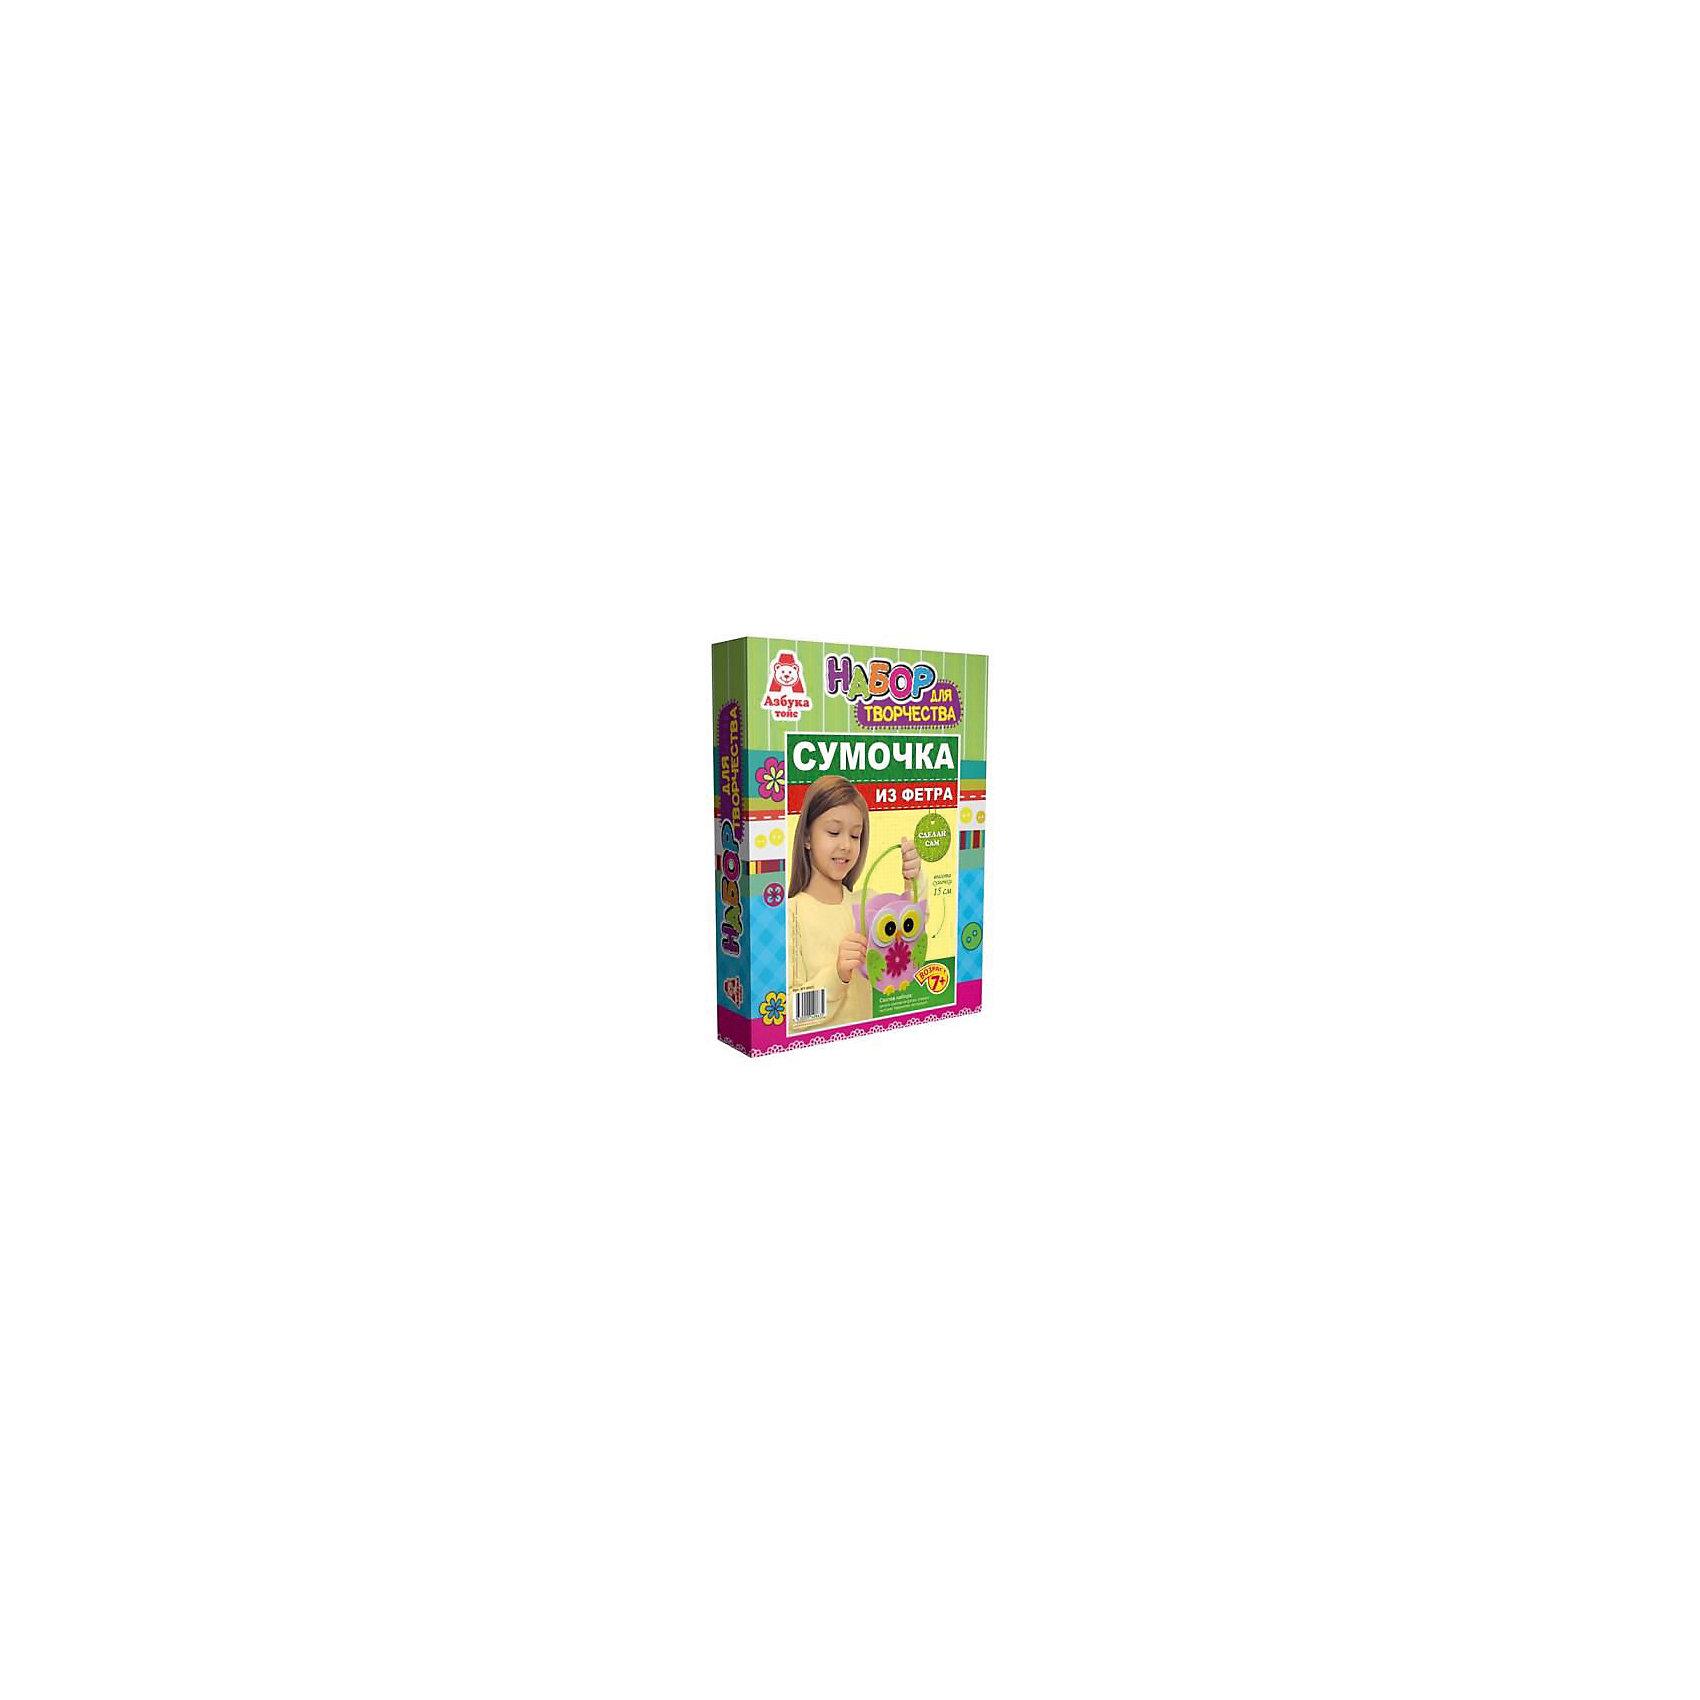 Сумочка из фетра Сова с зелеными крыльямиСумочка из фетра Сова с зелеными крыльями, Азбука Тойс.<br><br>Характеристики:<br><br>• готовая сумочка прекрасно сохраняет форму<br>• легко изготовить<br>• яркие материалы<br>• высота сумочки: 15 см<br>• в комплекте: детали из фетра, термоклей, клеевой пистолет<br>• размер упаковки: 28х5х21 см<br>• вес: 178 грамм<br><br>Что может быть увлекательнее создания собственной сумочки? Набор для создания сумочки из фетра от торговой марки Азбука Тойс поможет девочке создать уникальный аксессуар своими руками. Для создания сумочки необходимо соединить все детали с помощью термоклея и клеевого пистолета. Готовая сумочка держит форму, благодаря чему, ее можно использовать для различных безделушек и аксессуаров. Яркий дизайн в виде совы придется по вкусу каждой моднице!<br><br>Сумочку из фетра Сова с зелеными крыльями, Азбука Тойс вы можете купить в нашем интернет-магазине.<br><br>Ширина мм: 210<br>Глубина мм: 50<br>Высота мм: 280<br>Вес г: 178<br>Возраст от месяцев: 84<br>Возраст до месяцев: 144<br>Пол: Женский<br>Возраст: Детский<br>SKU: 5062976